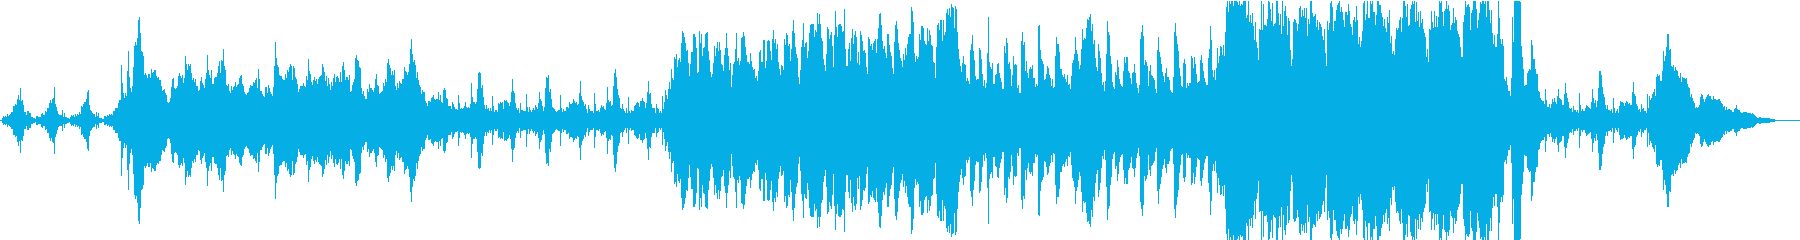 緊張感のある洞窟系ダンジョン内BGMの再生済みの波形